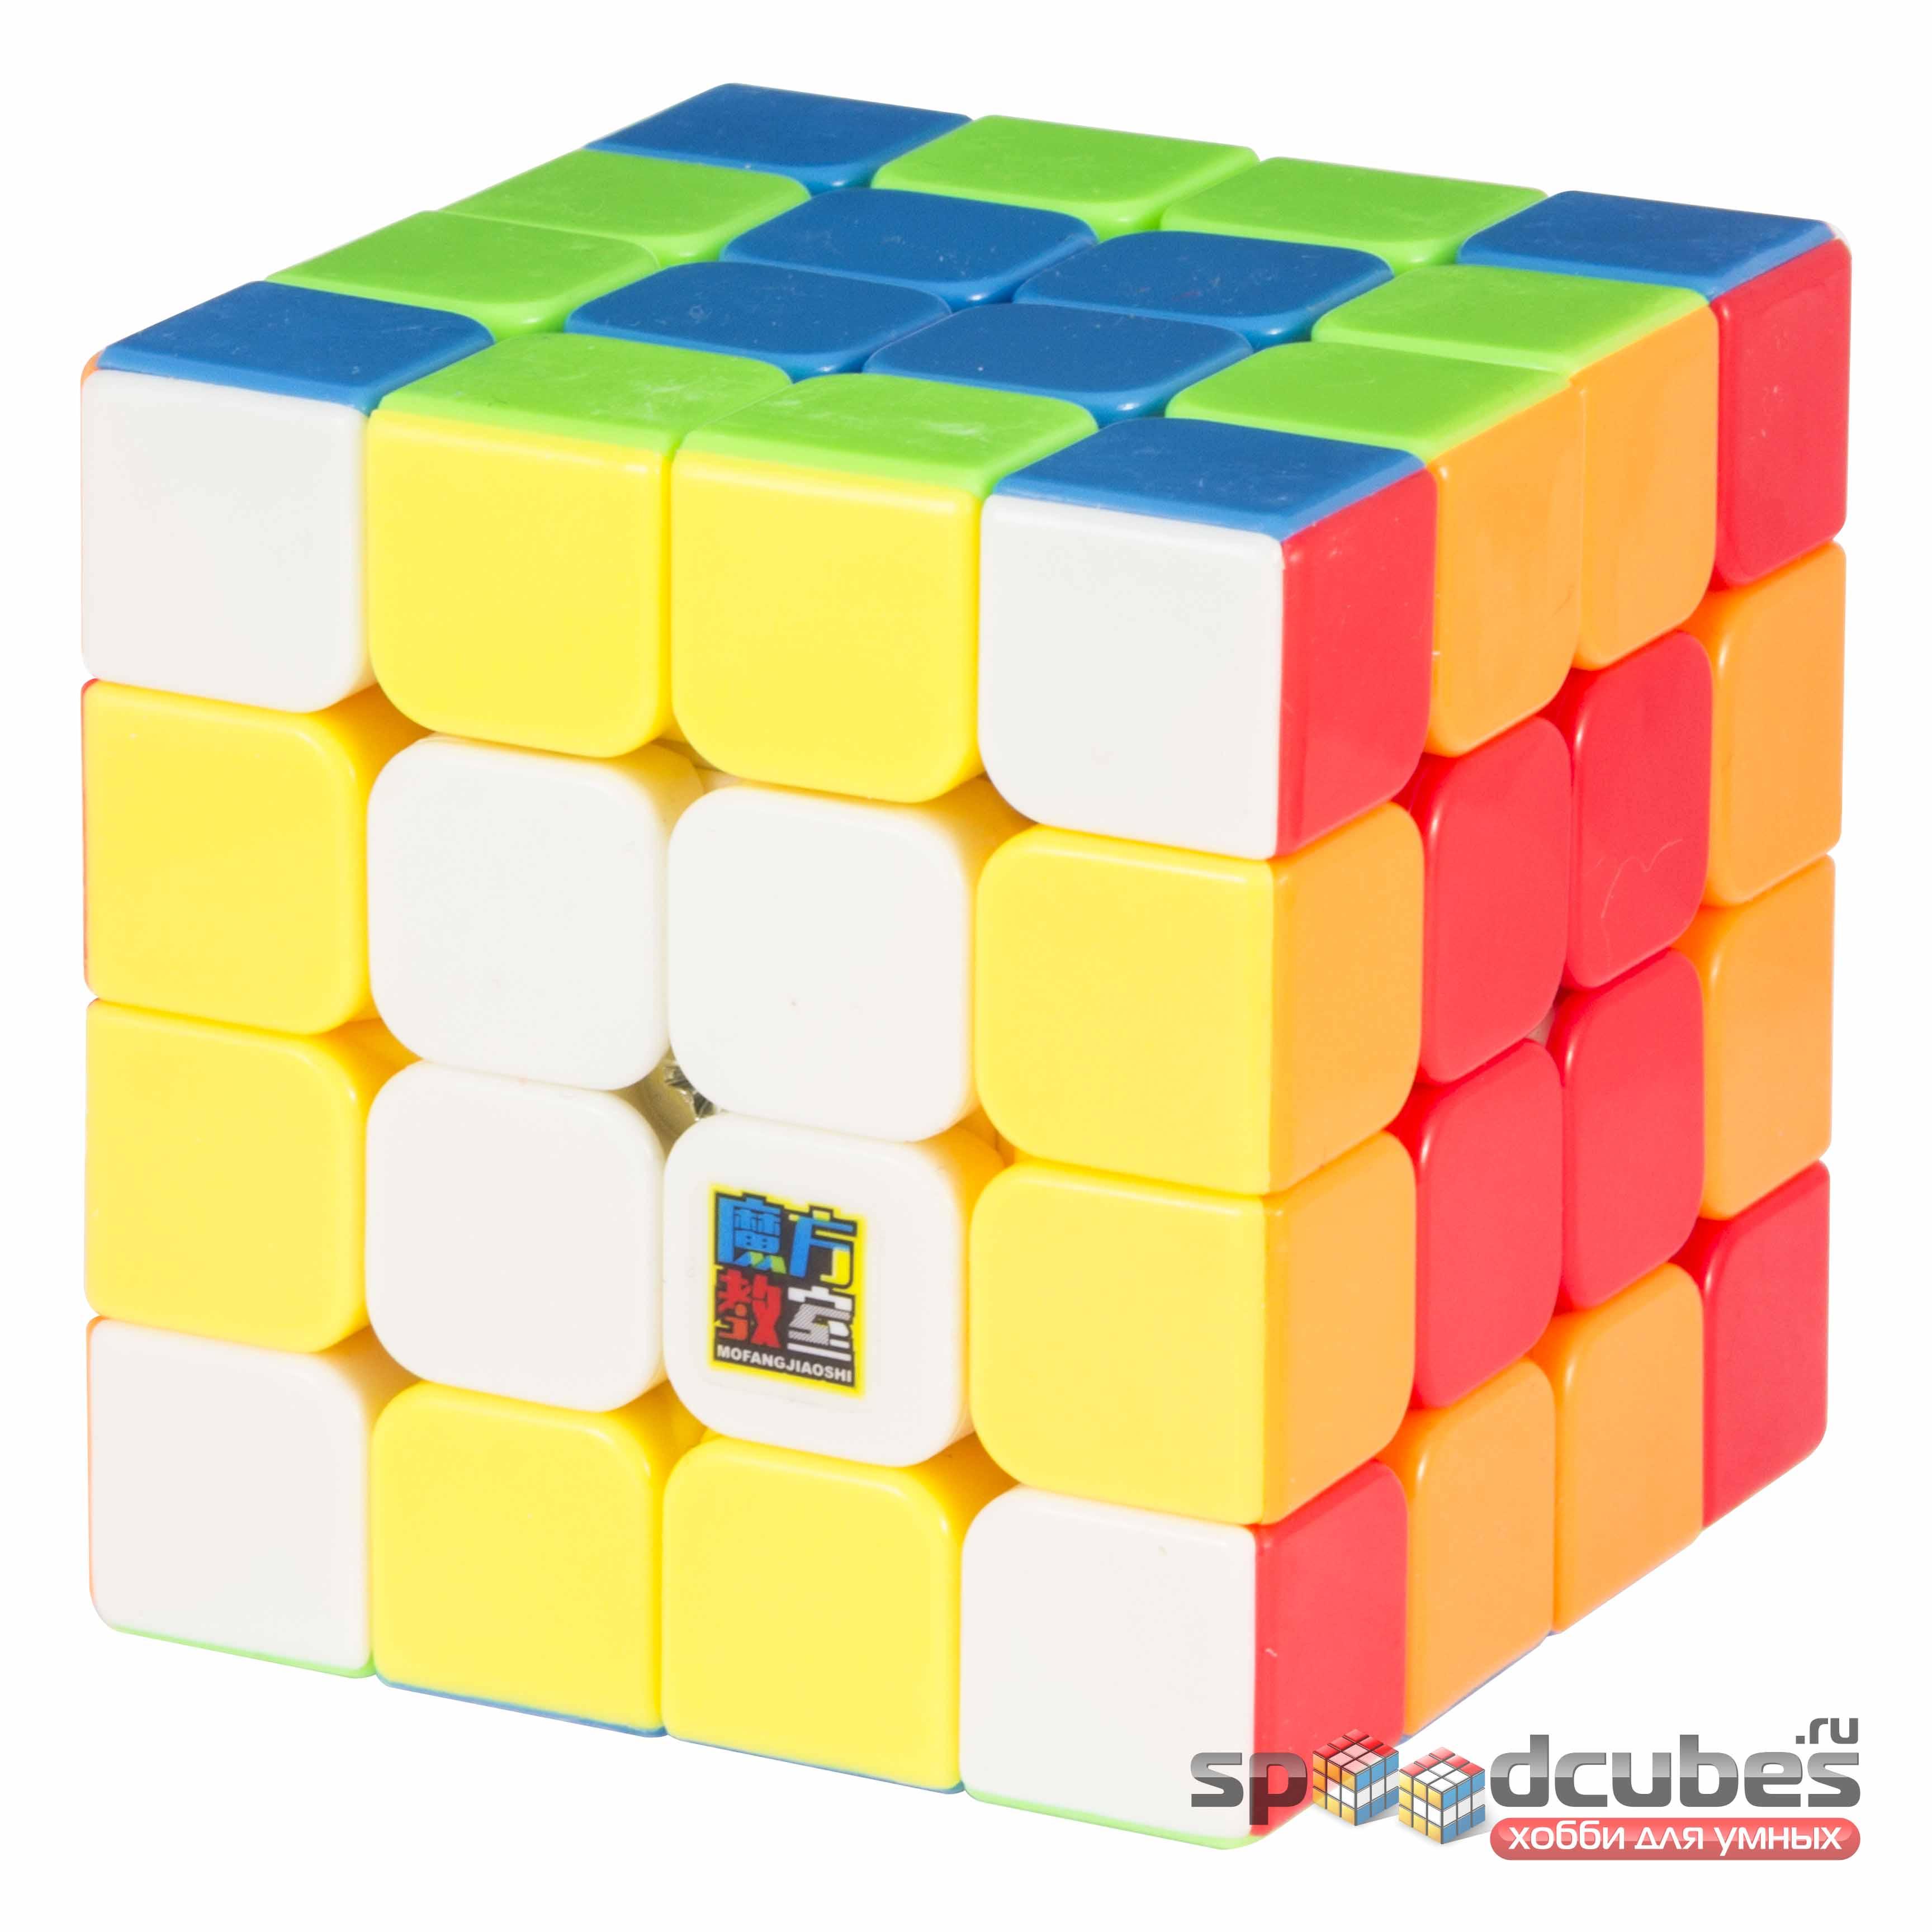 MoYu 4x4x4 MofangJiaoshi MF4s (цв) 3